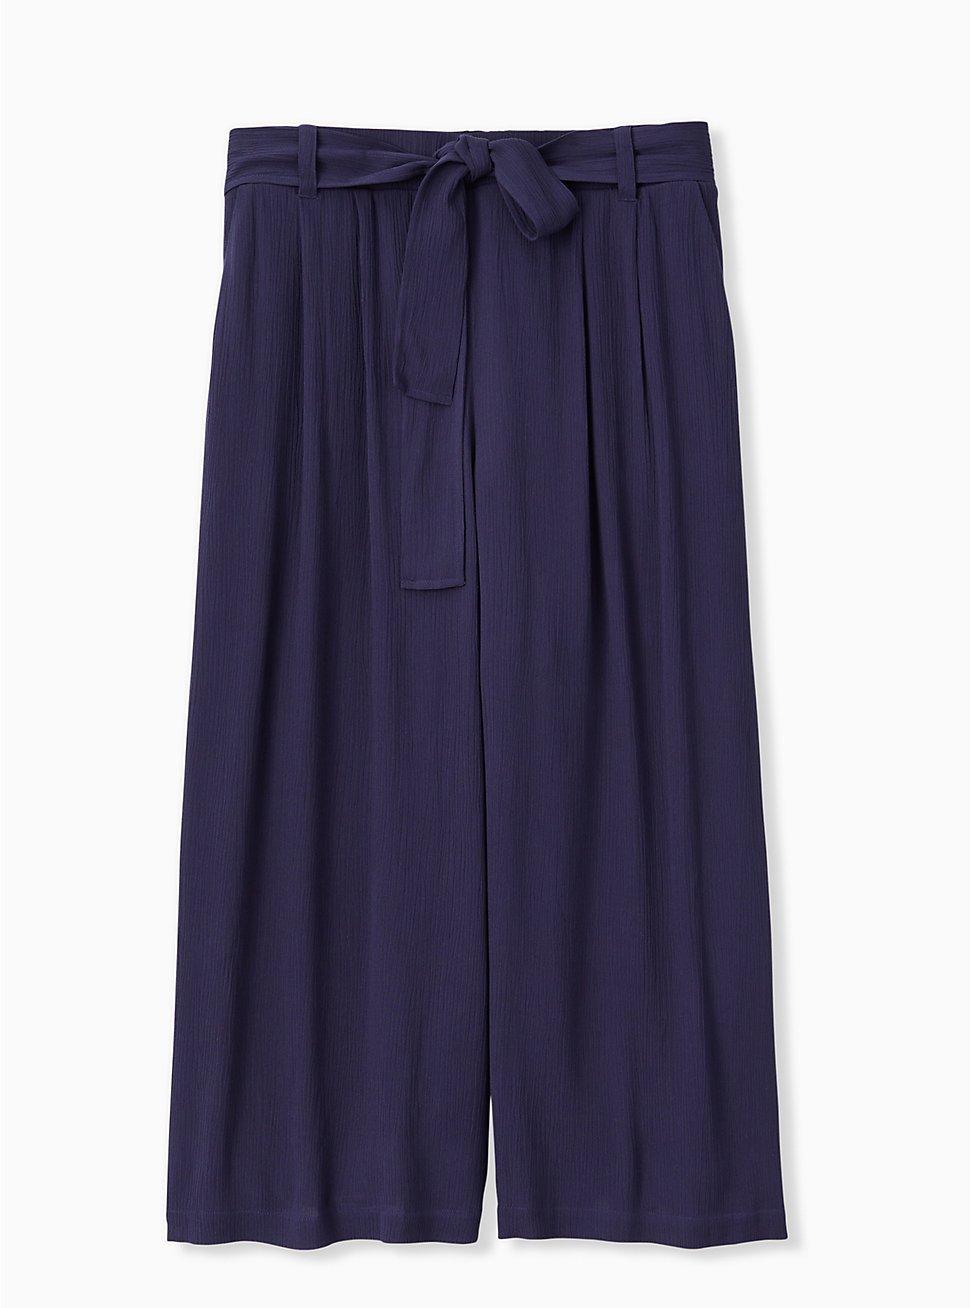 Navy Crinkle Gauze Self Tie Culotte Pant, PEACOAT, hi-res